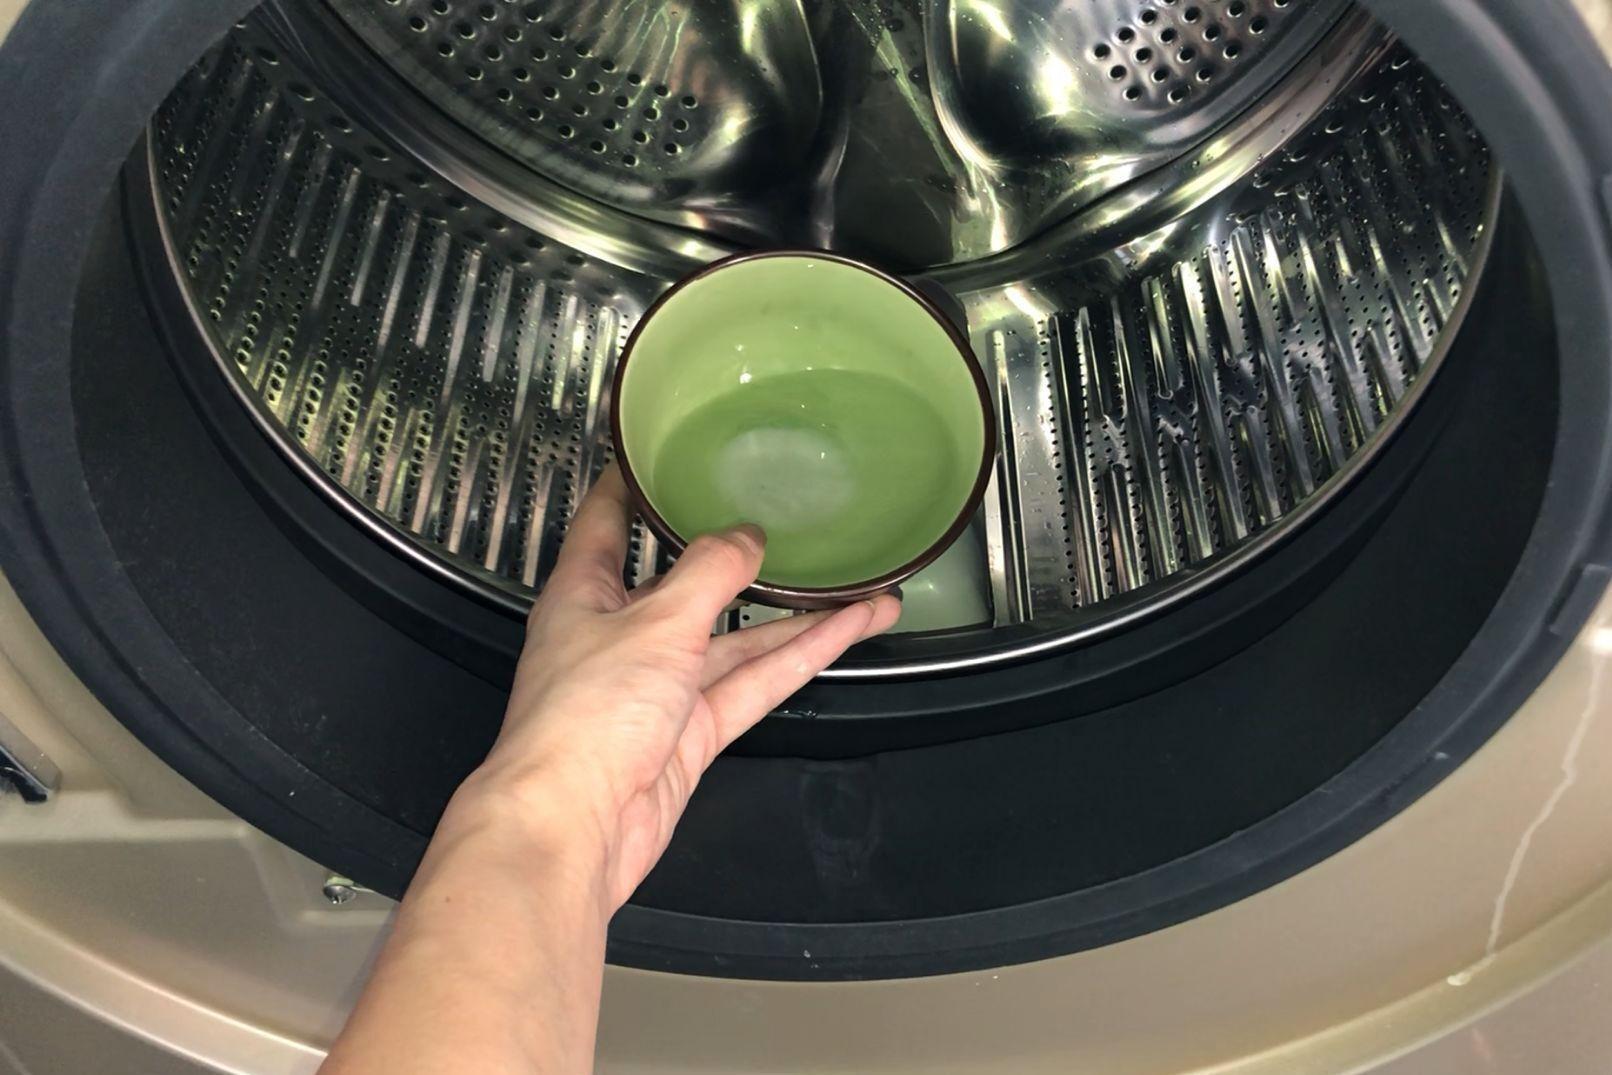 洗衣机不清洁,当心比马桶细菌还要多,这个